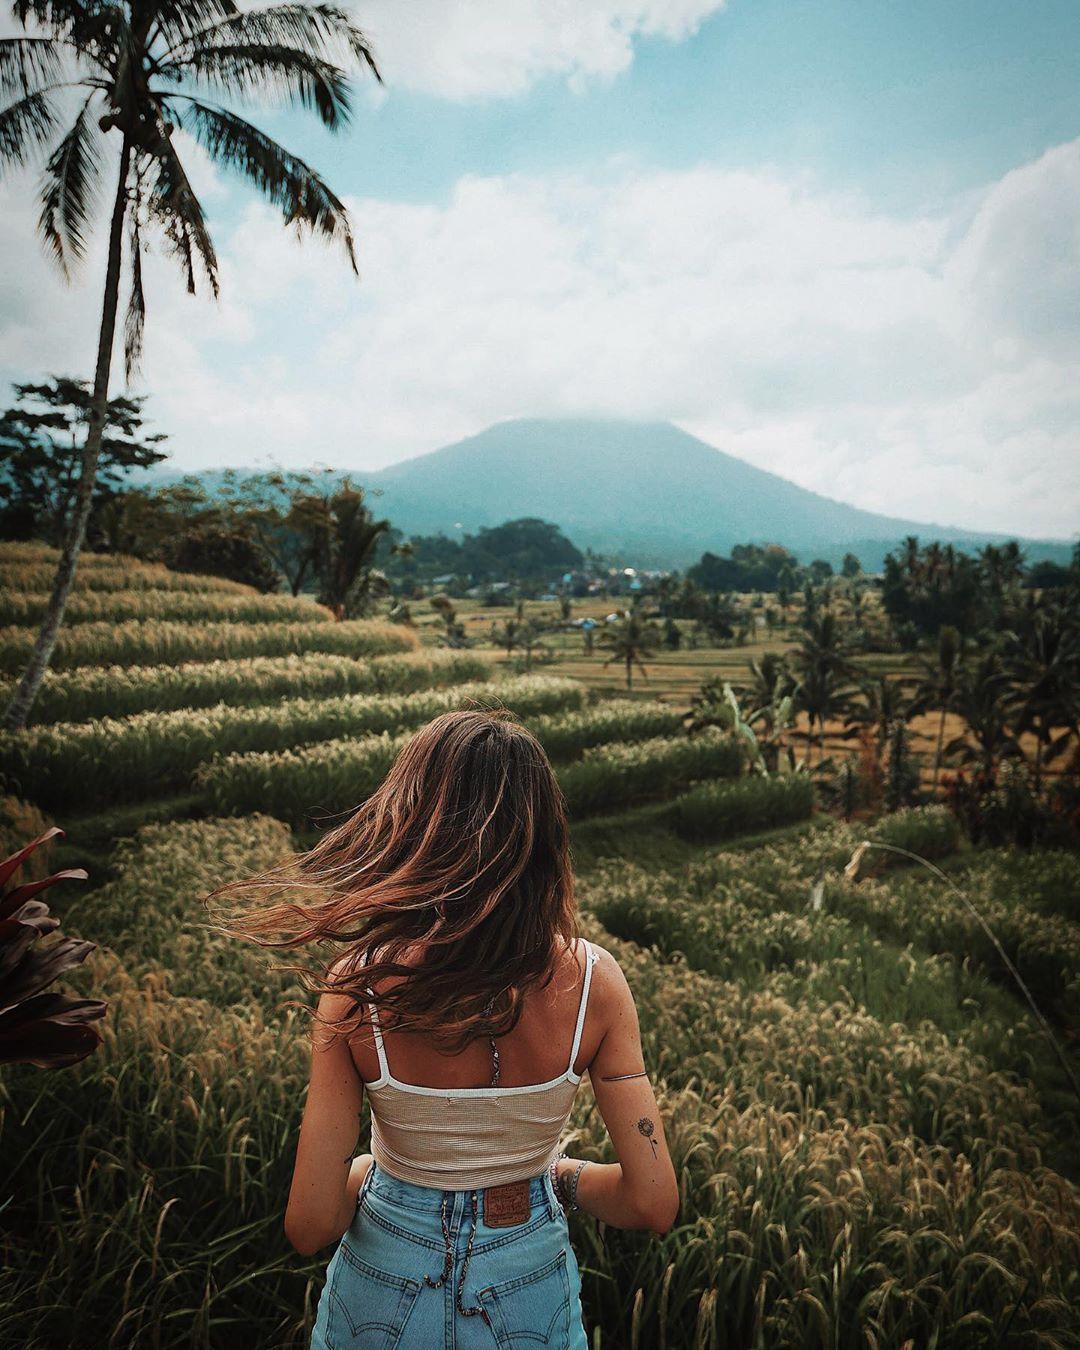 Sawah Jatiluwih Tempat Wisata Bali Bagus - Dewata ID